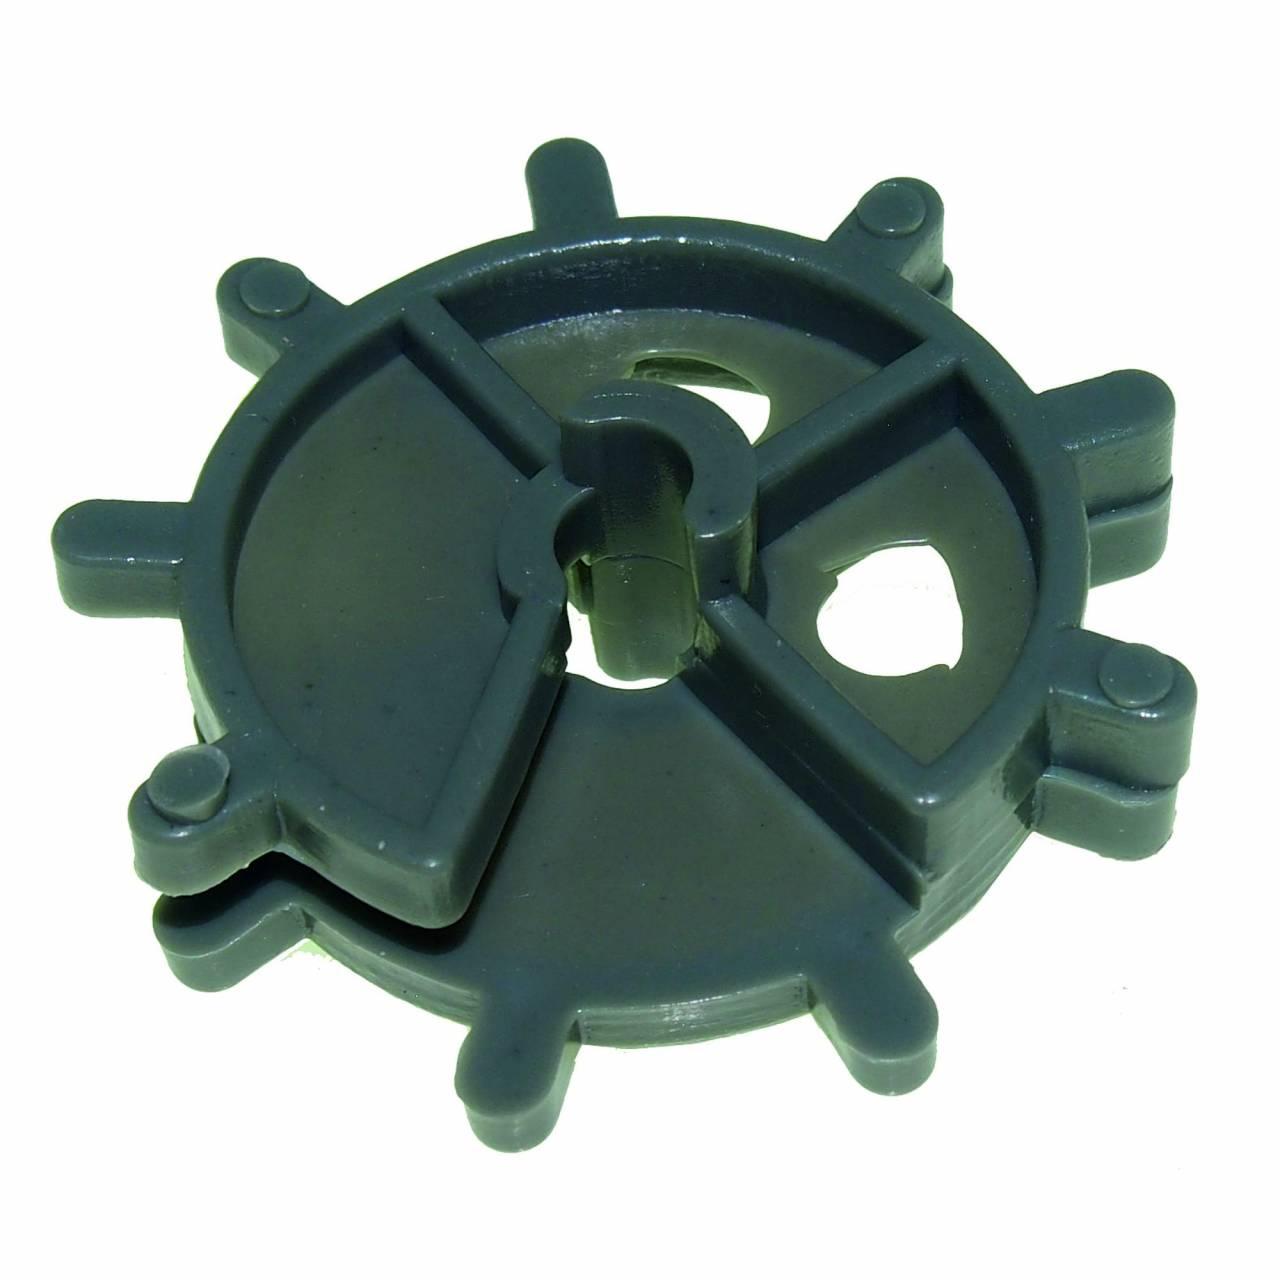 GARANT 8-15 / KB 8 mm Armierungs-Abstandhalter / Krt a 2.000 Stück